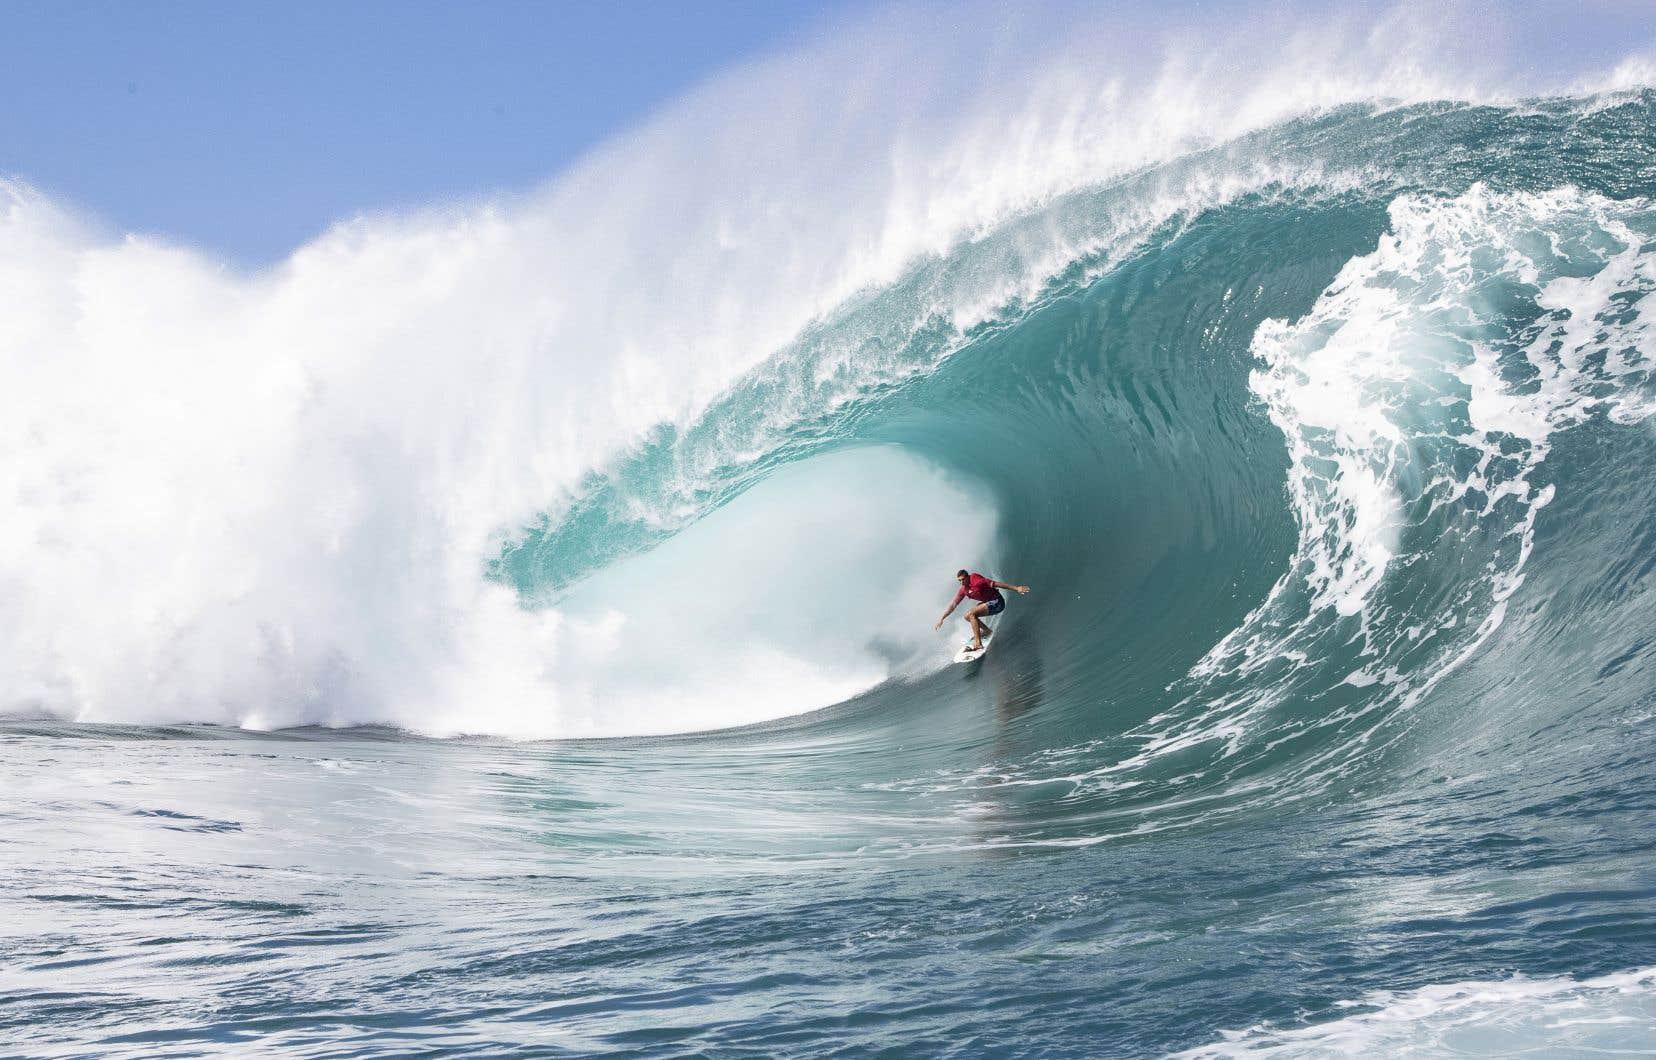 Les redoutées vagues de Teahupoo et son récif corallien à faible profondeur en font un site réputé mais dangereux.